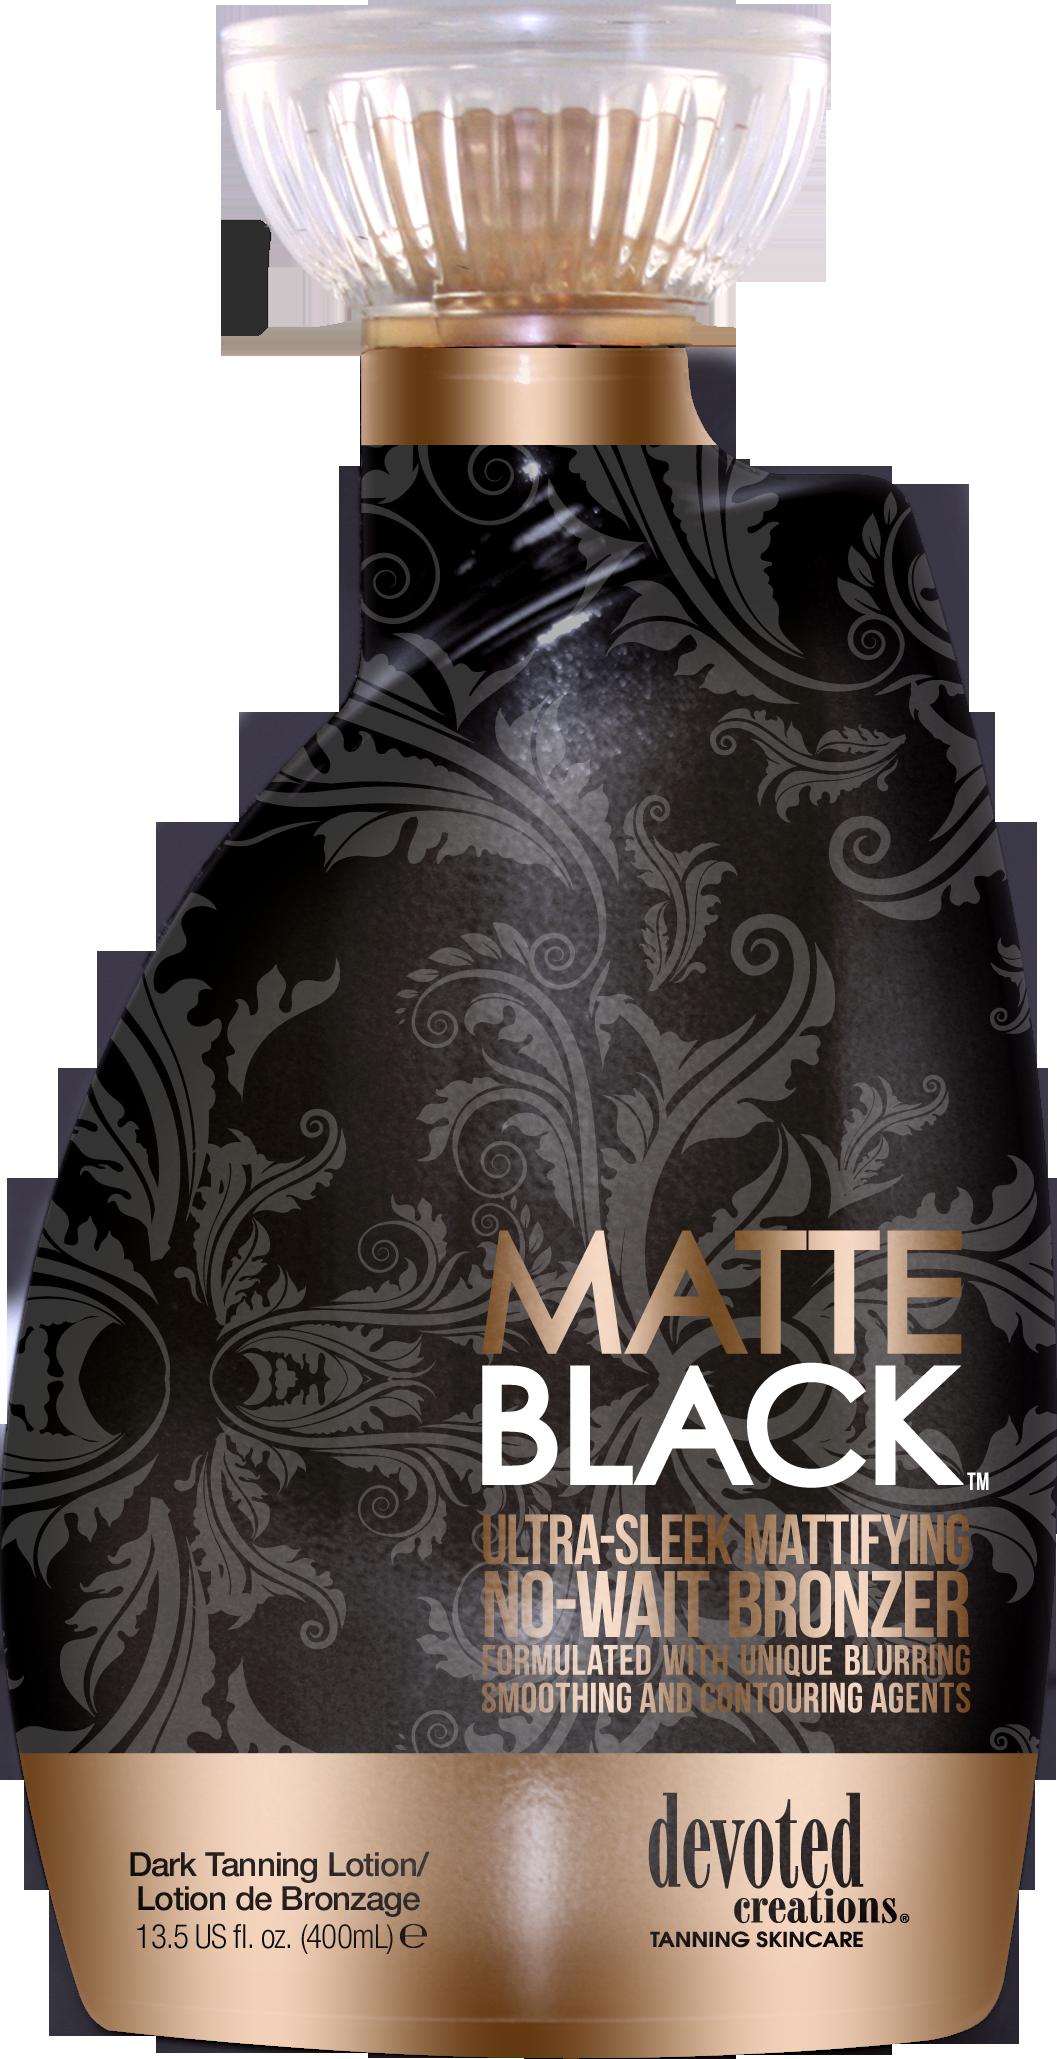 DC Matte Black™